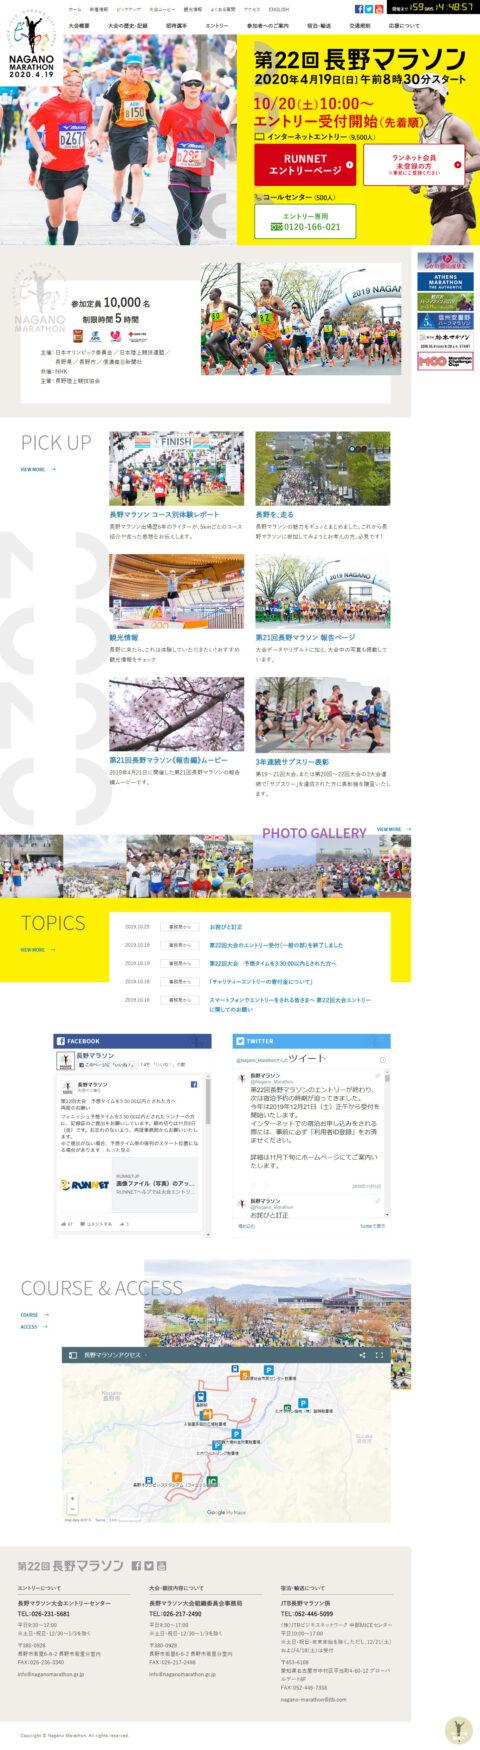 第22回 長野マラソン